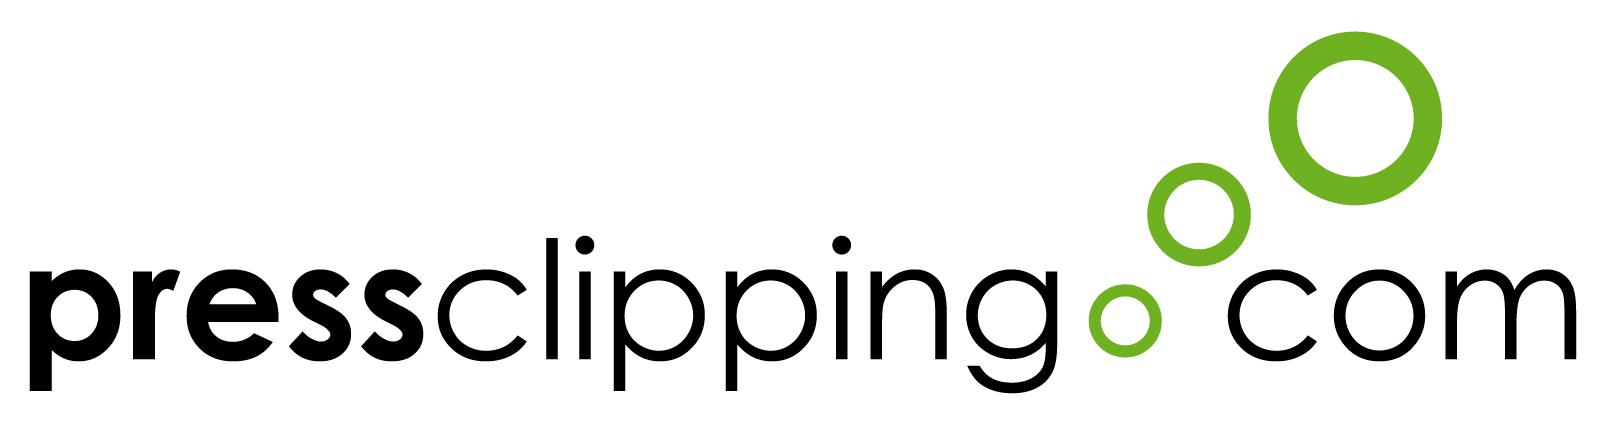 logo empresa de clipping Pressclipping